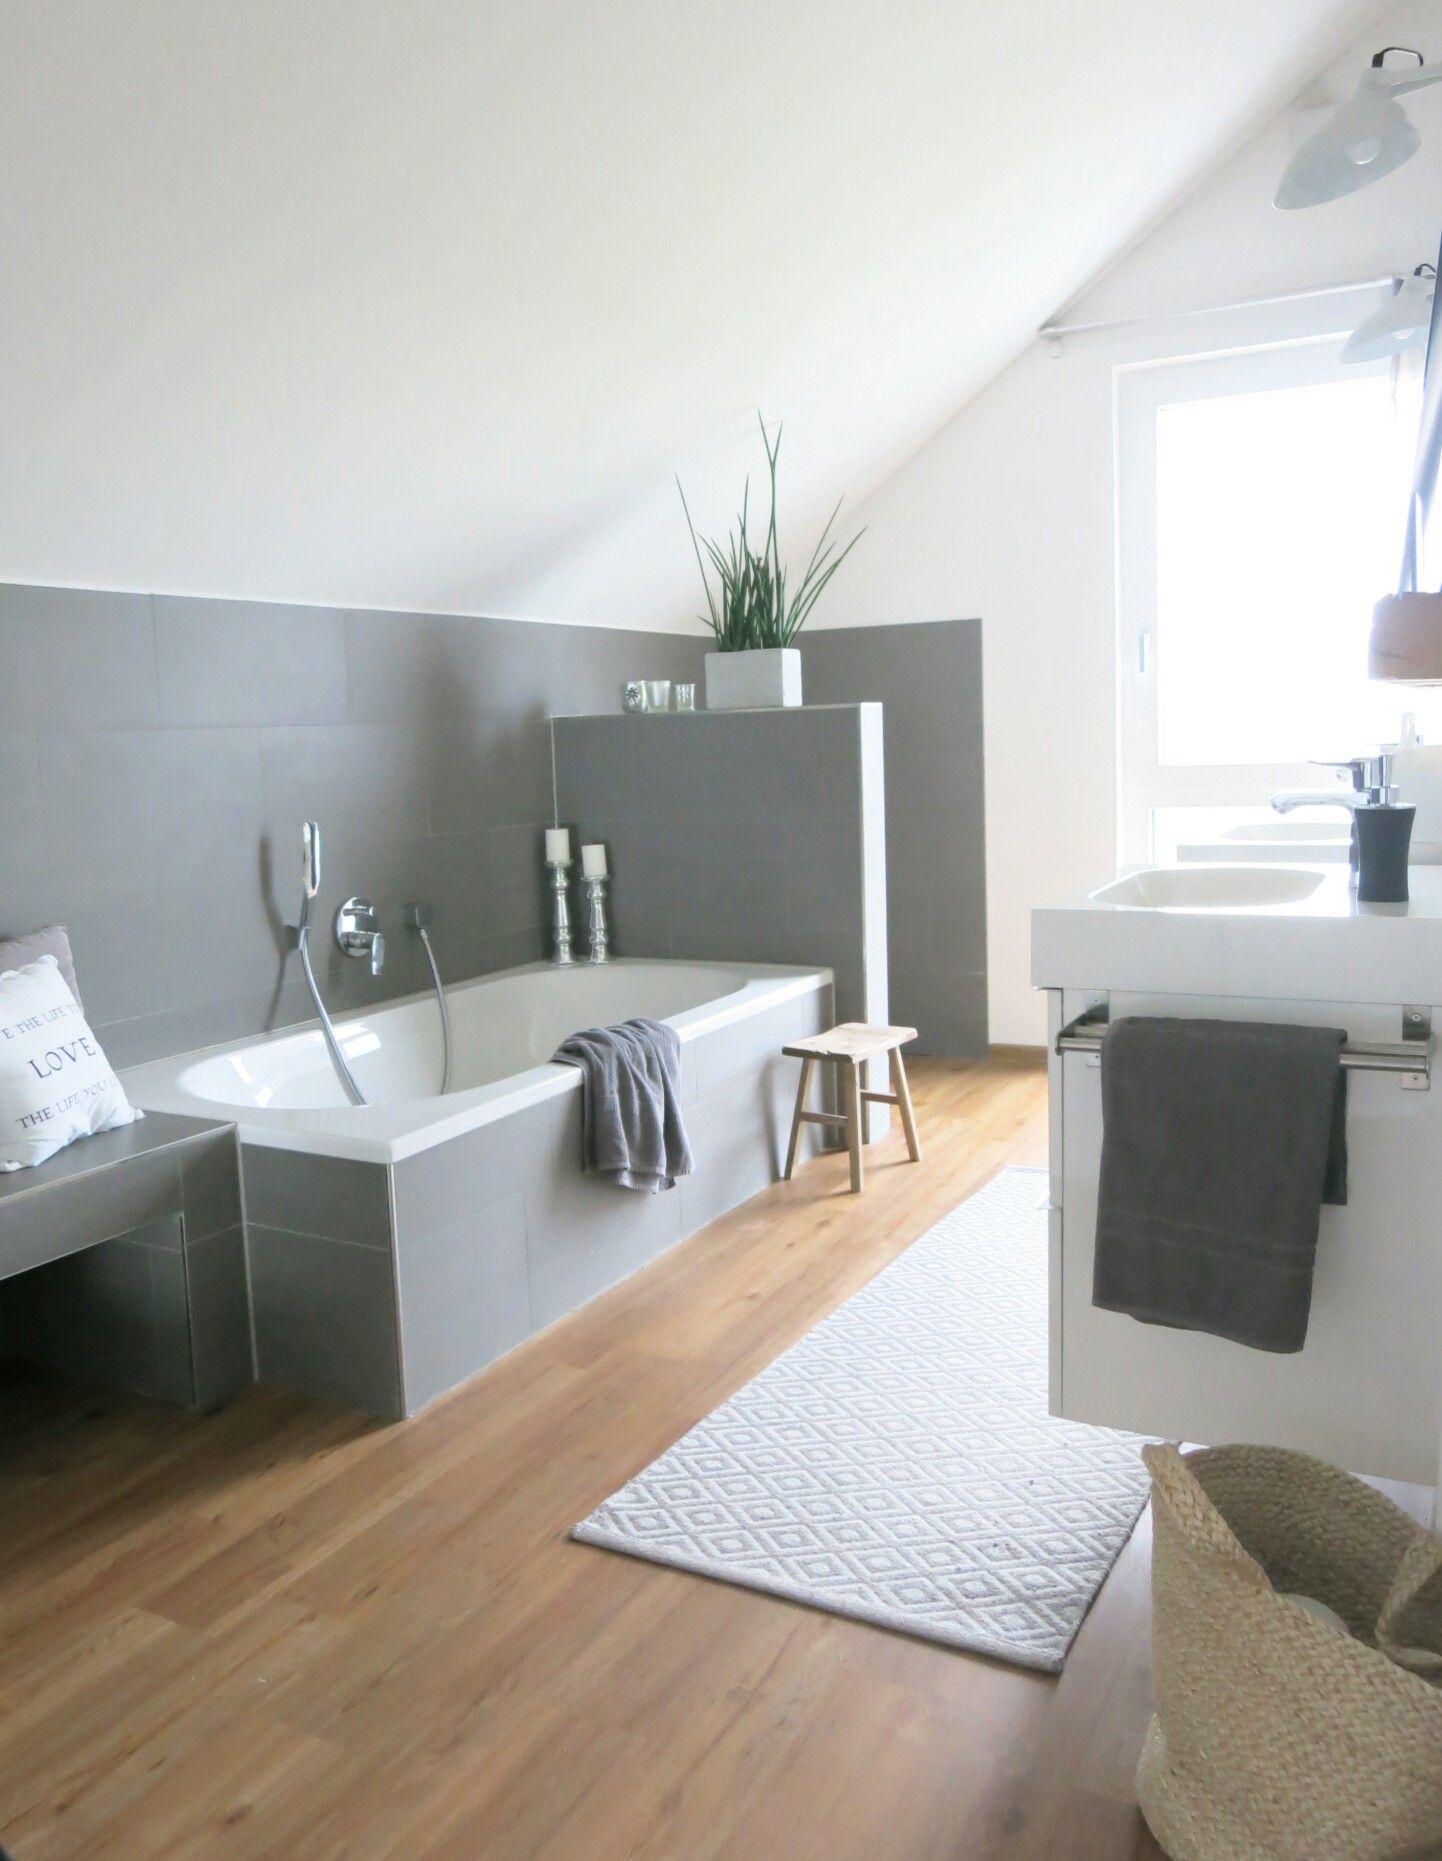 Badezimmer   Holzfliesen badezimmer, Beton badezimmer und ...